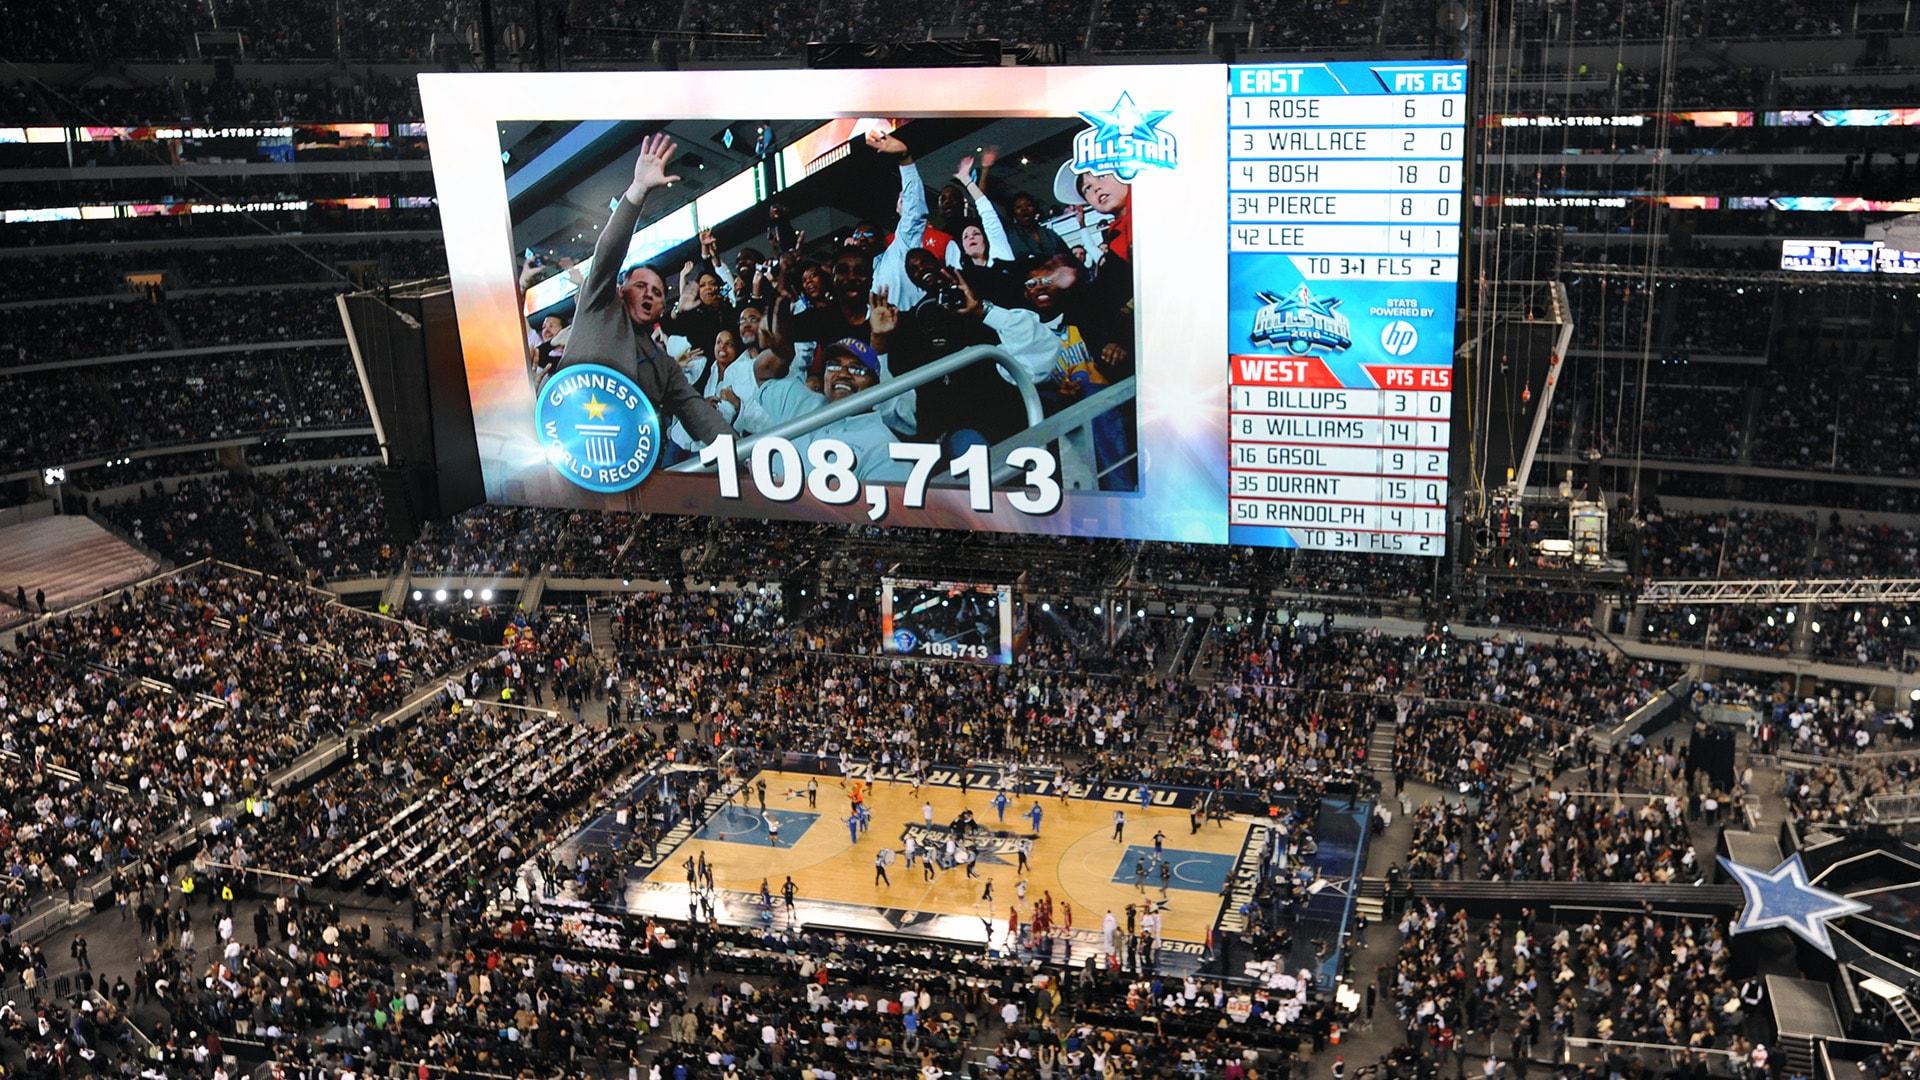 2010 NBA All-Star recap